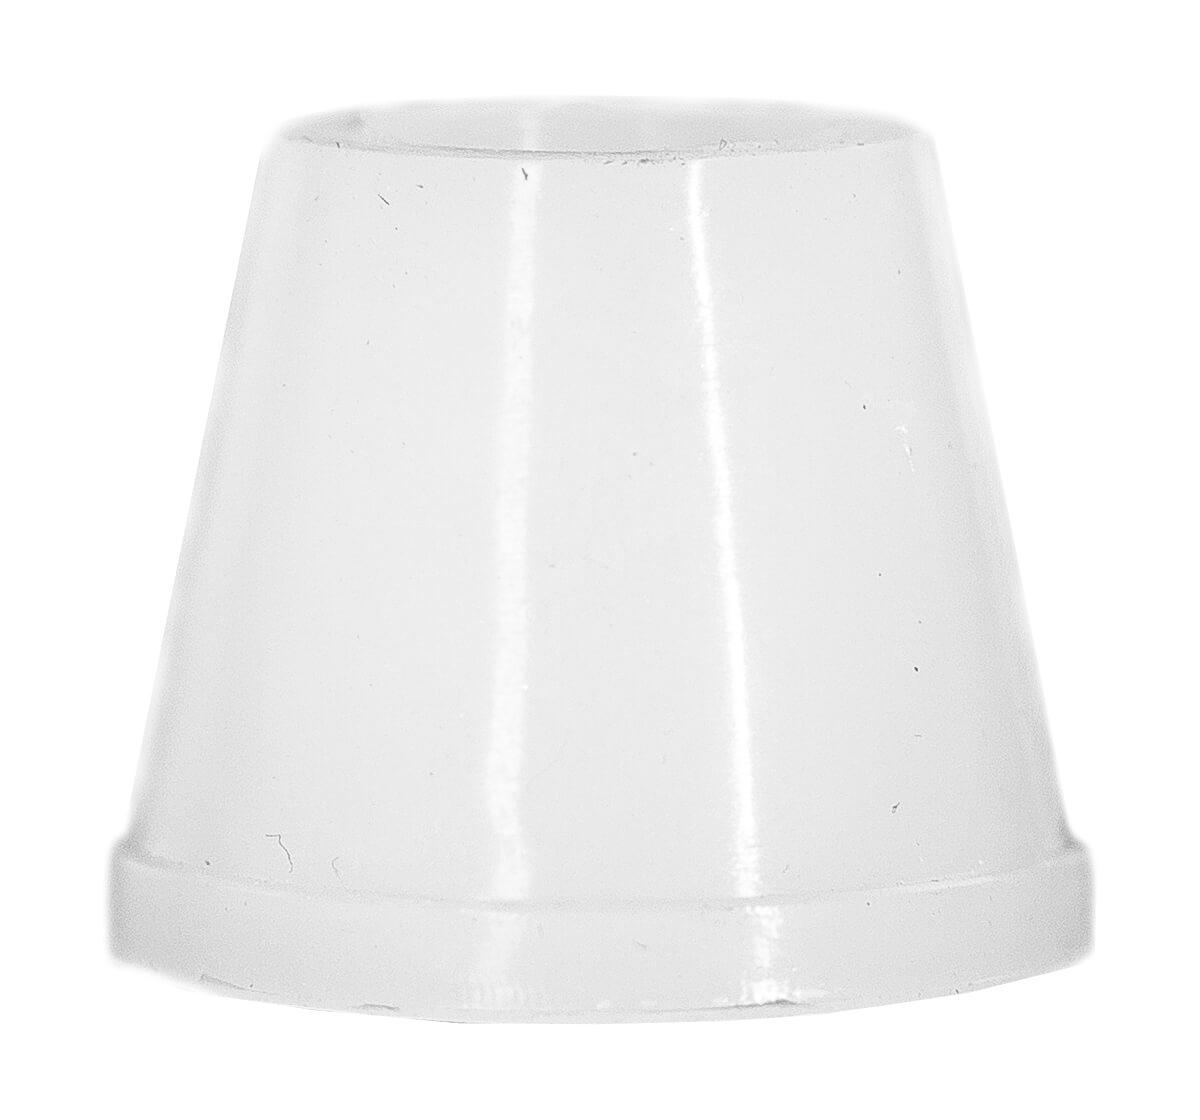 Ущільнювач для чаші з ребрами Силіконовий Білий